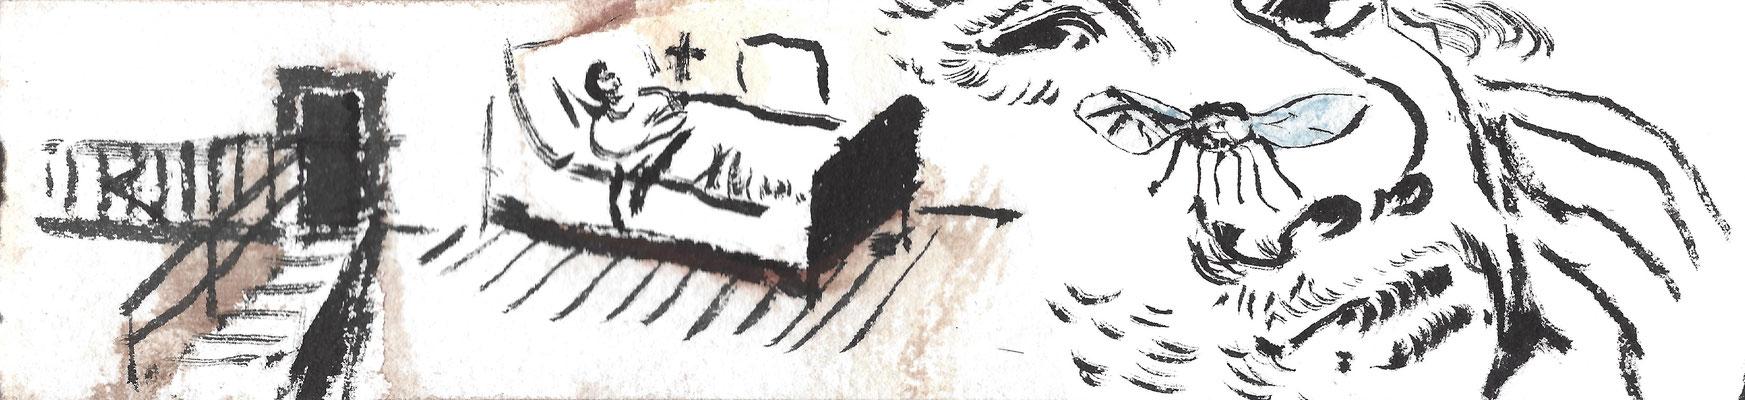 Streifen 2, Bild 5